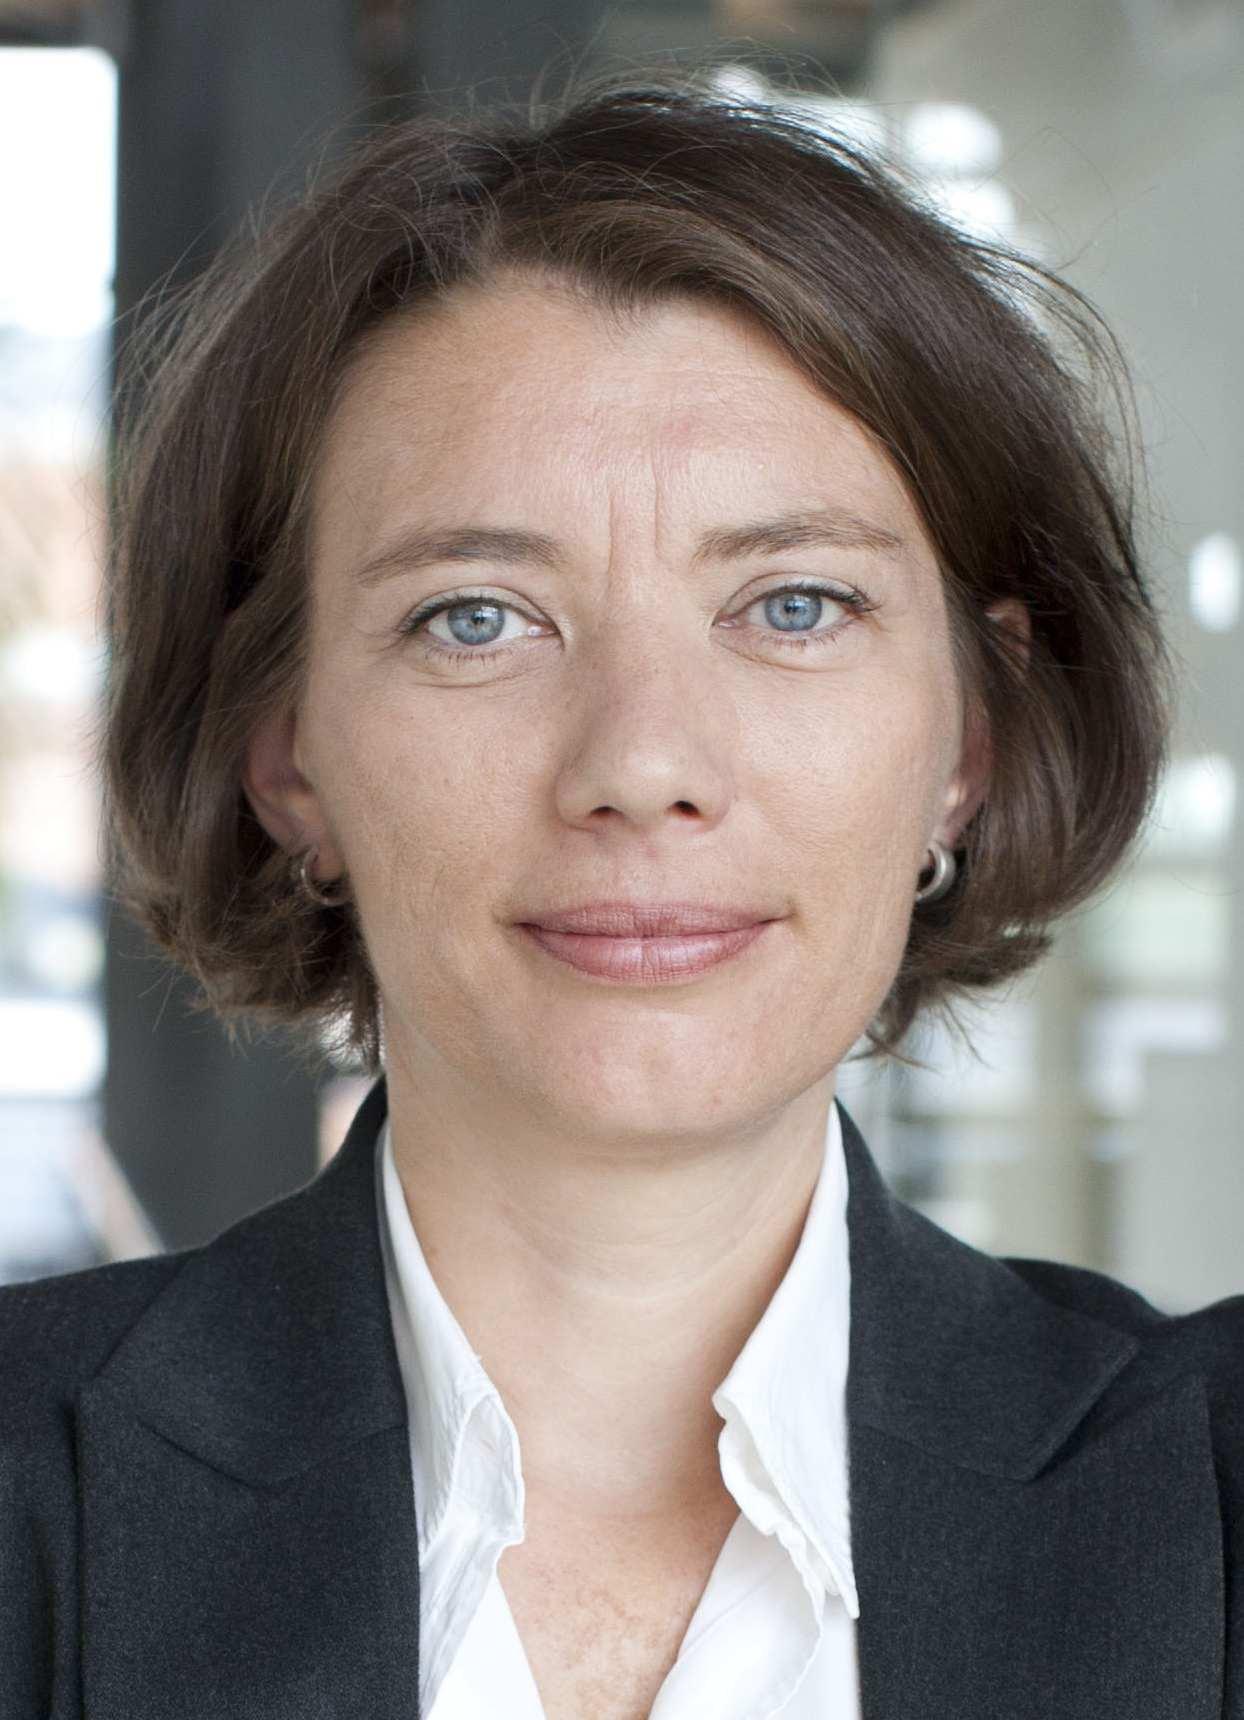 """Vortrag Dr. Kirsten Plötz: """"War da was? Unterdrückung lesbischer Liebe"""" am Donnerstag, 15. Juli 2021, 19 Uhr"""